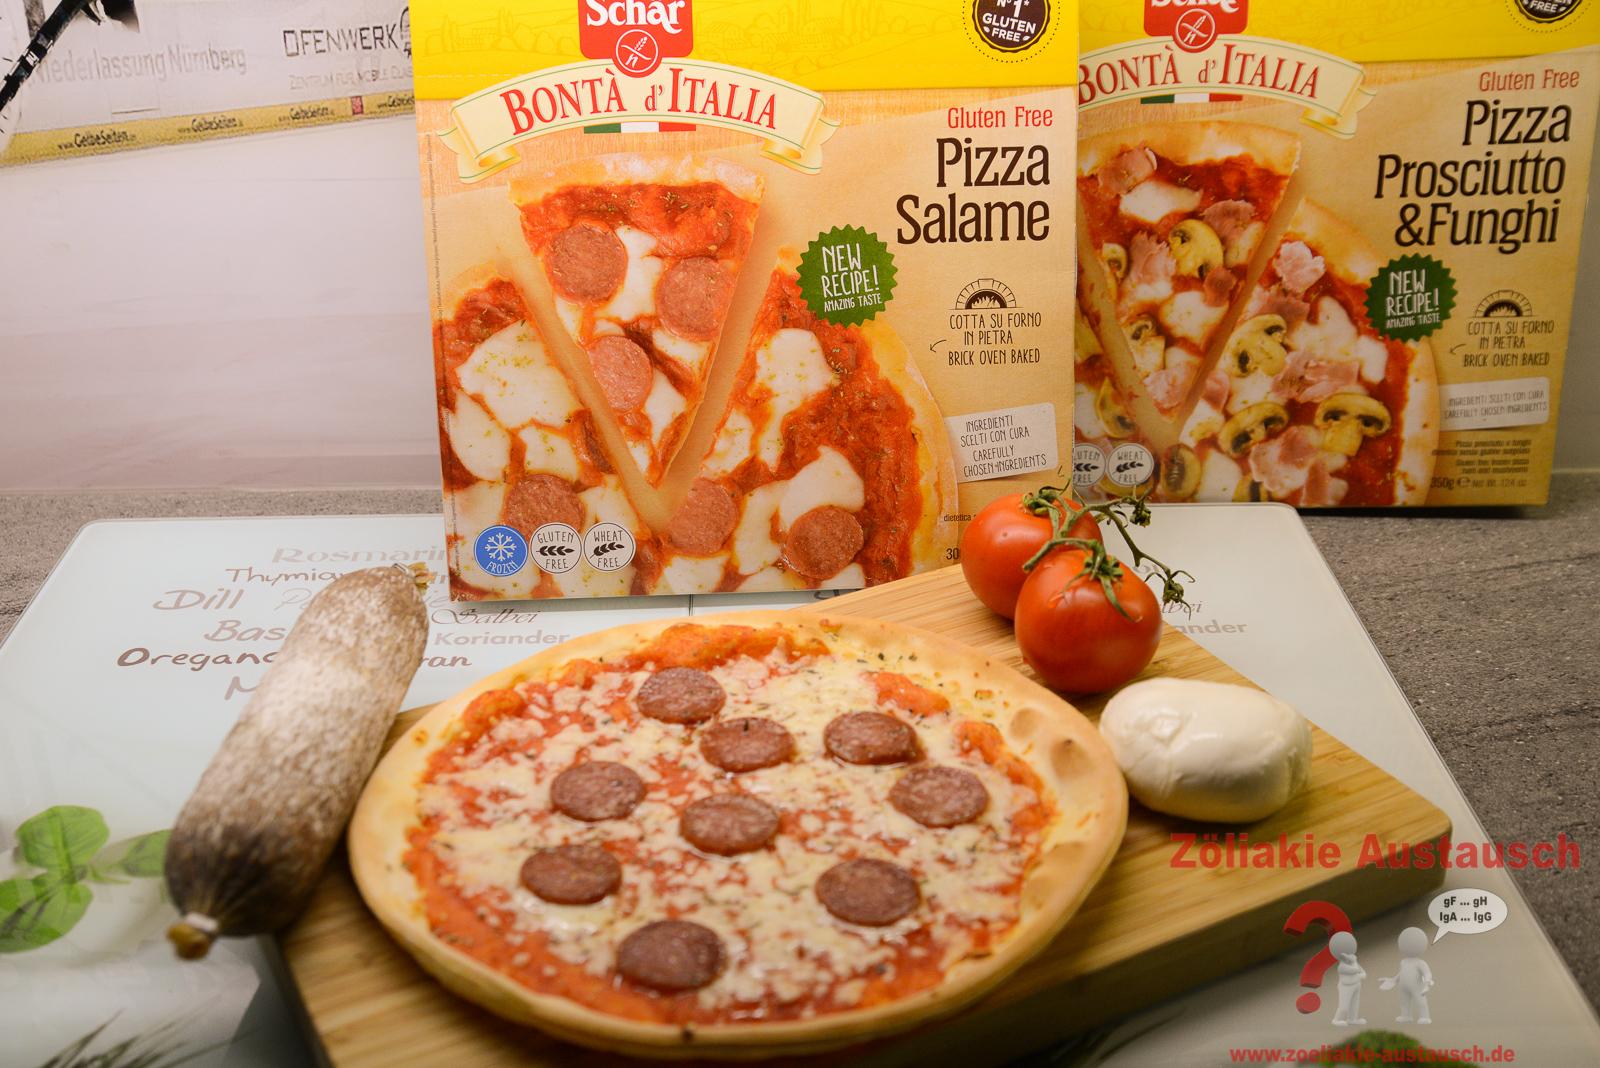 Schaer_Pizza-Zoeliakie_Austausch_028